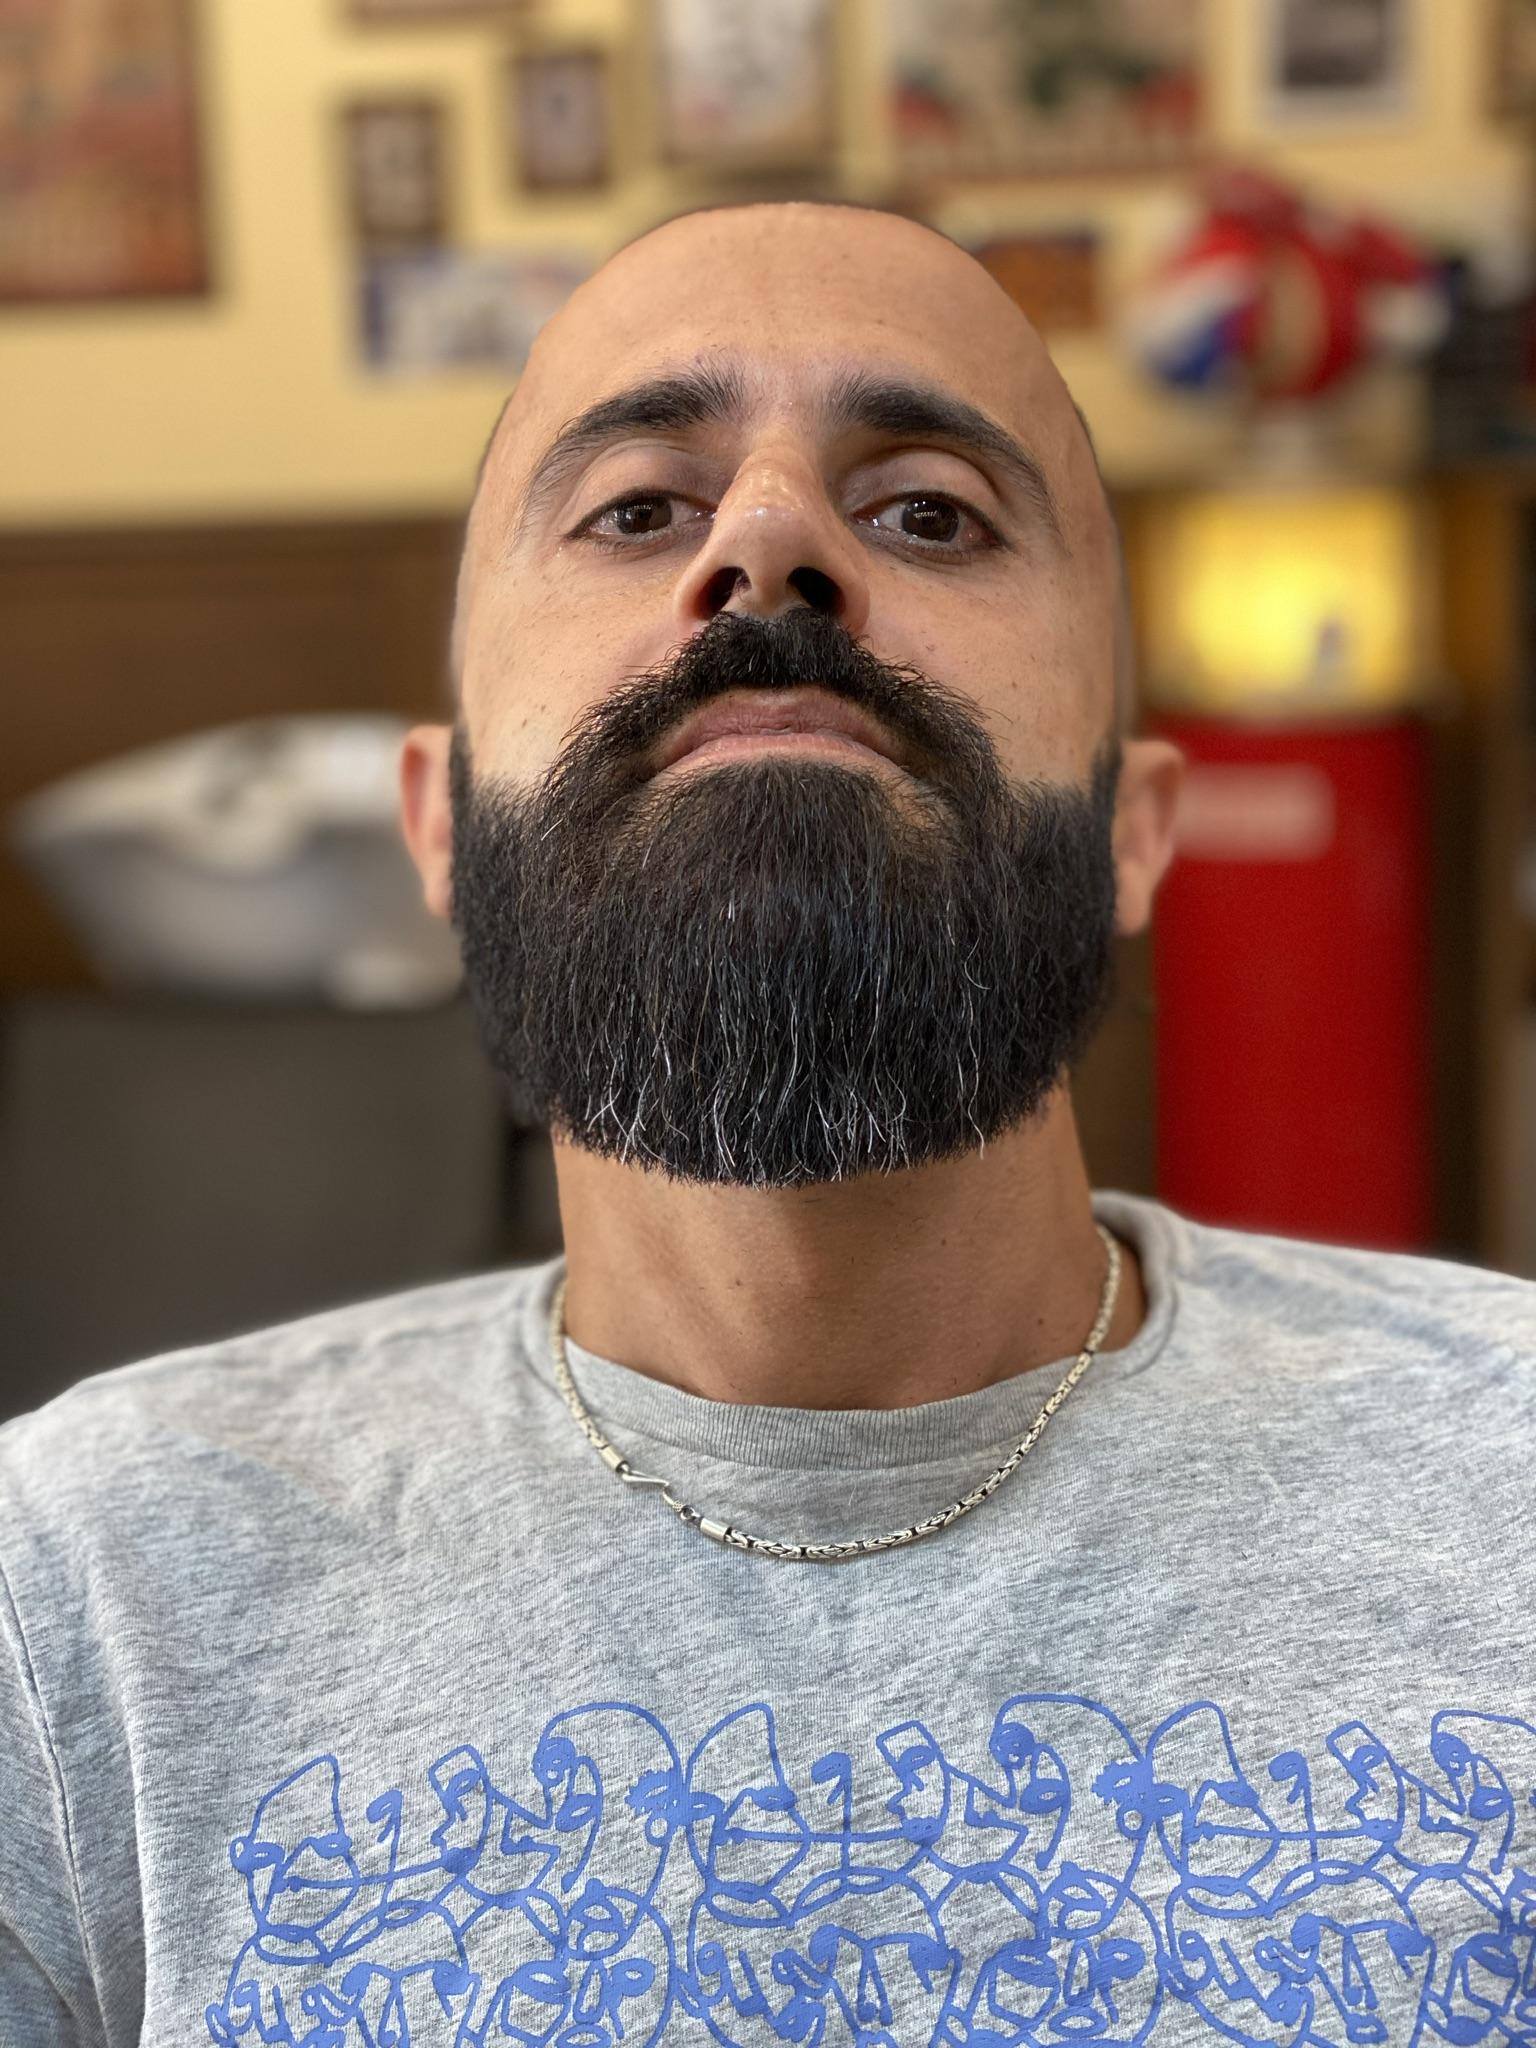 Taglio Barba prima BB The Barber's Shop